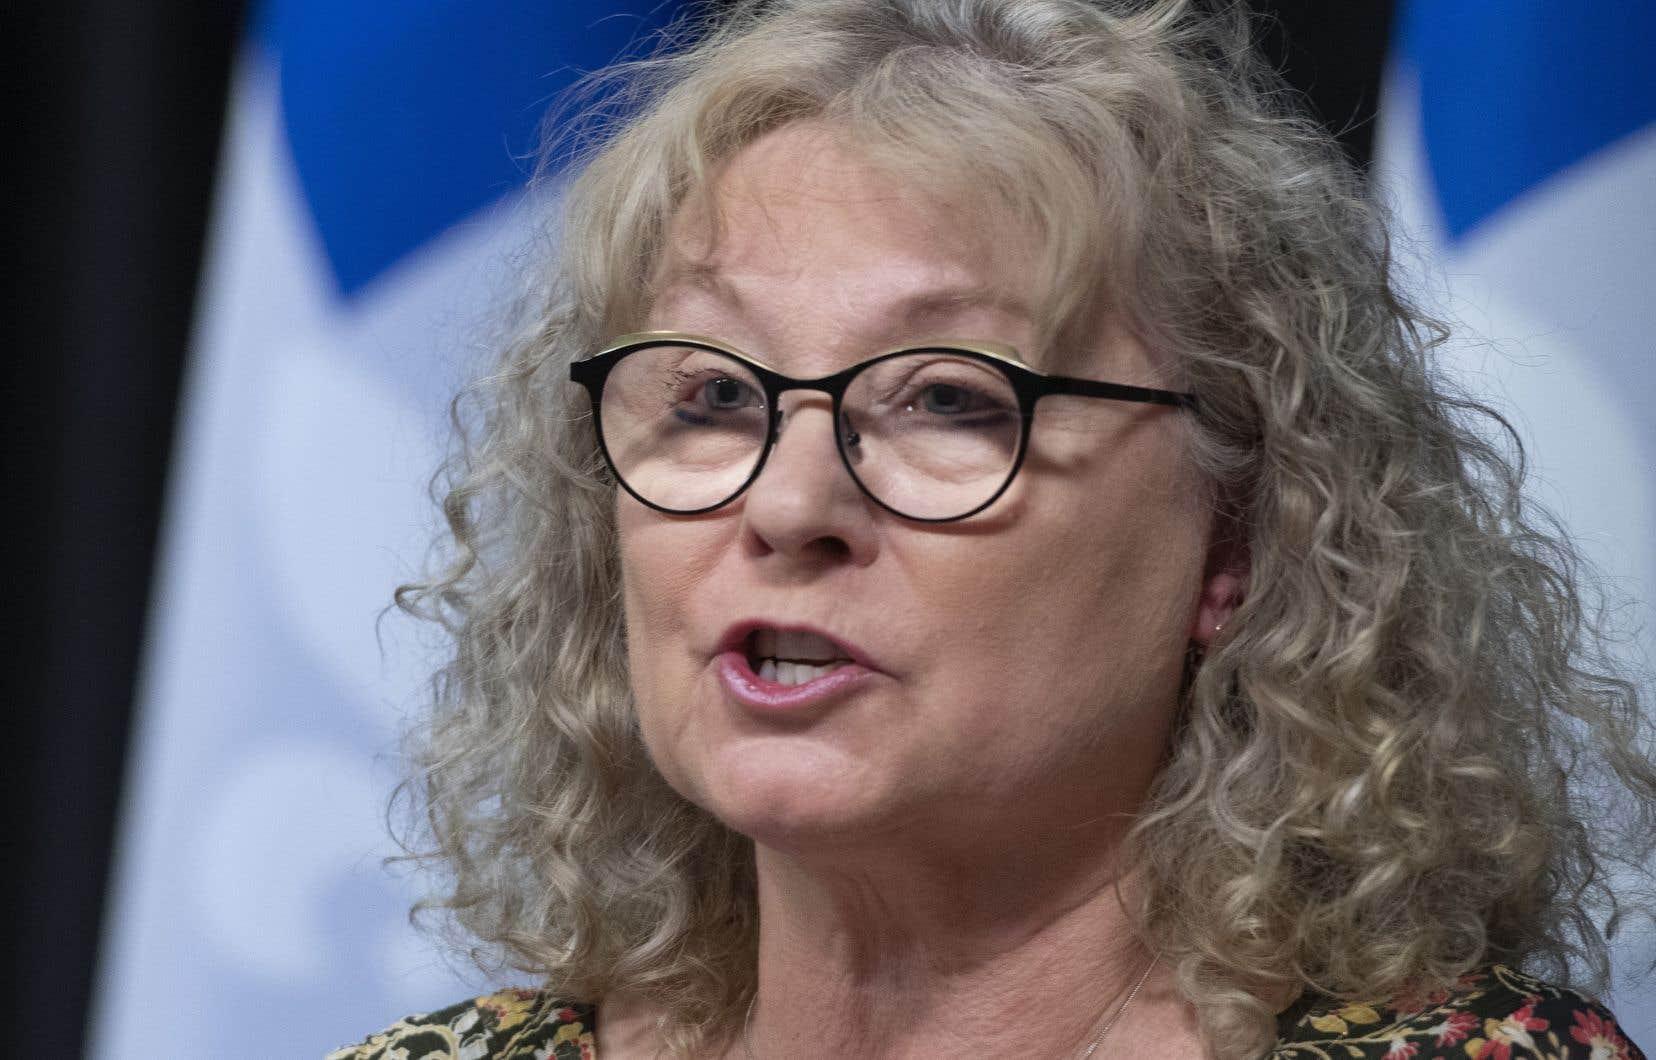 La ministre responsable des Aînés, Marguerite Blais, était présente mardi au point de presse quotidien du gouvernement aux côtés du premier ministre François Legault et du directeur national de santé publique, Horacio Arruda.